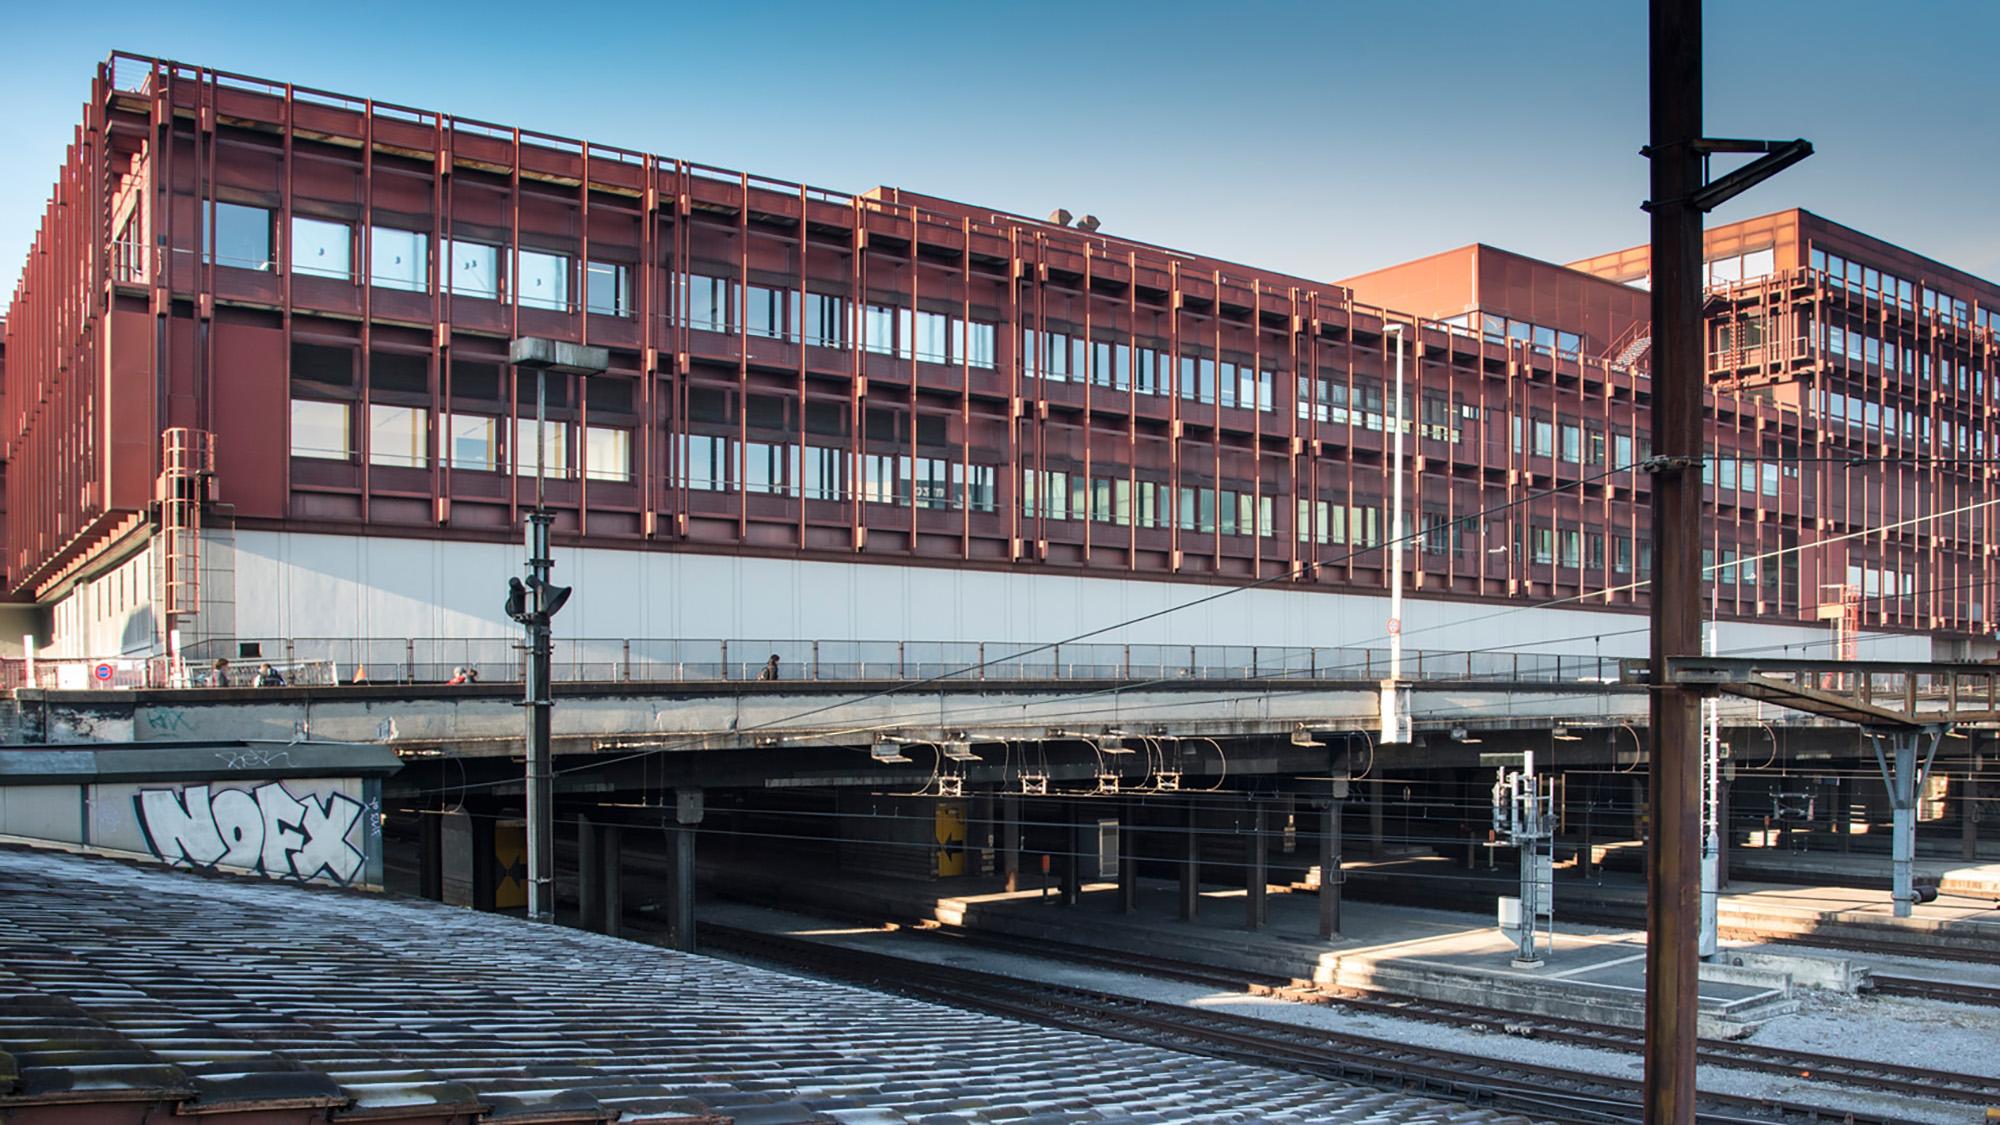 Weckt bei den Architekten Christ & Gantenbein nostalgische Sehnsüchte: Das Postreitergebäude aus den 1970er-Jahren beim Bah